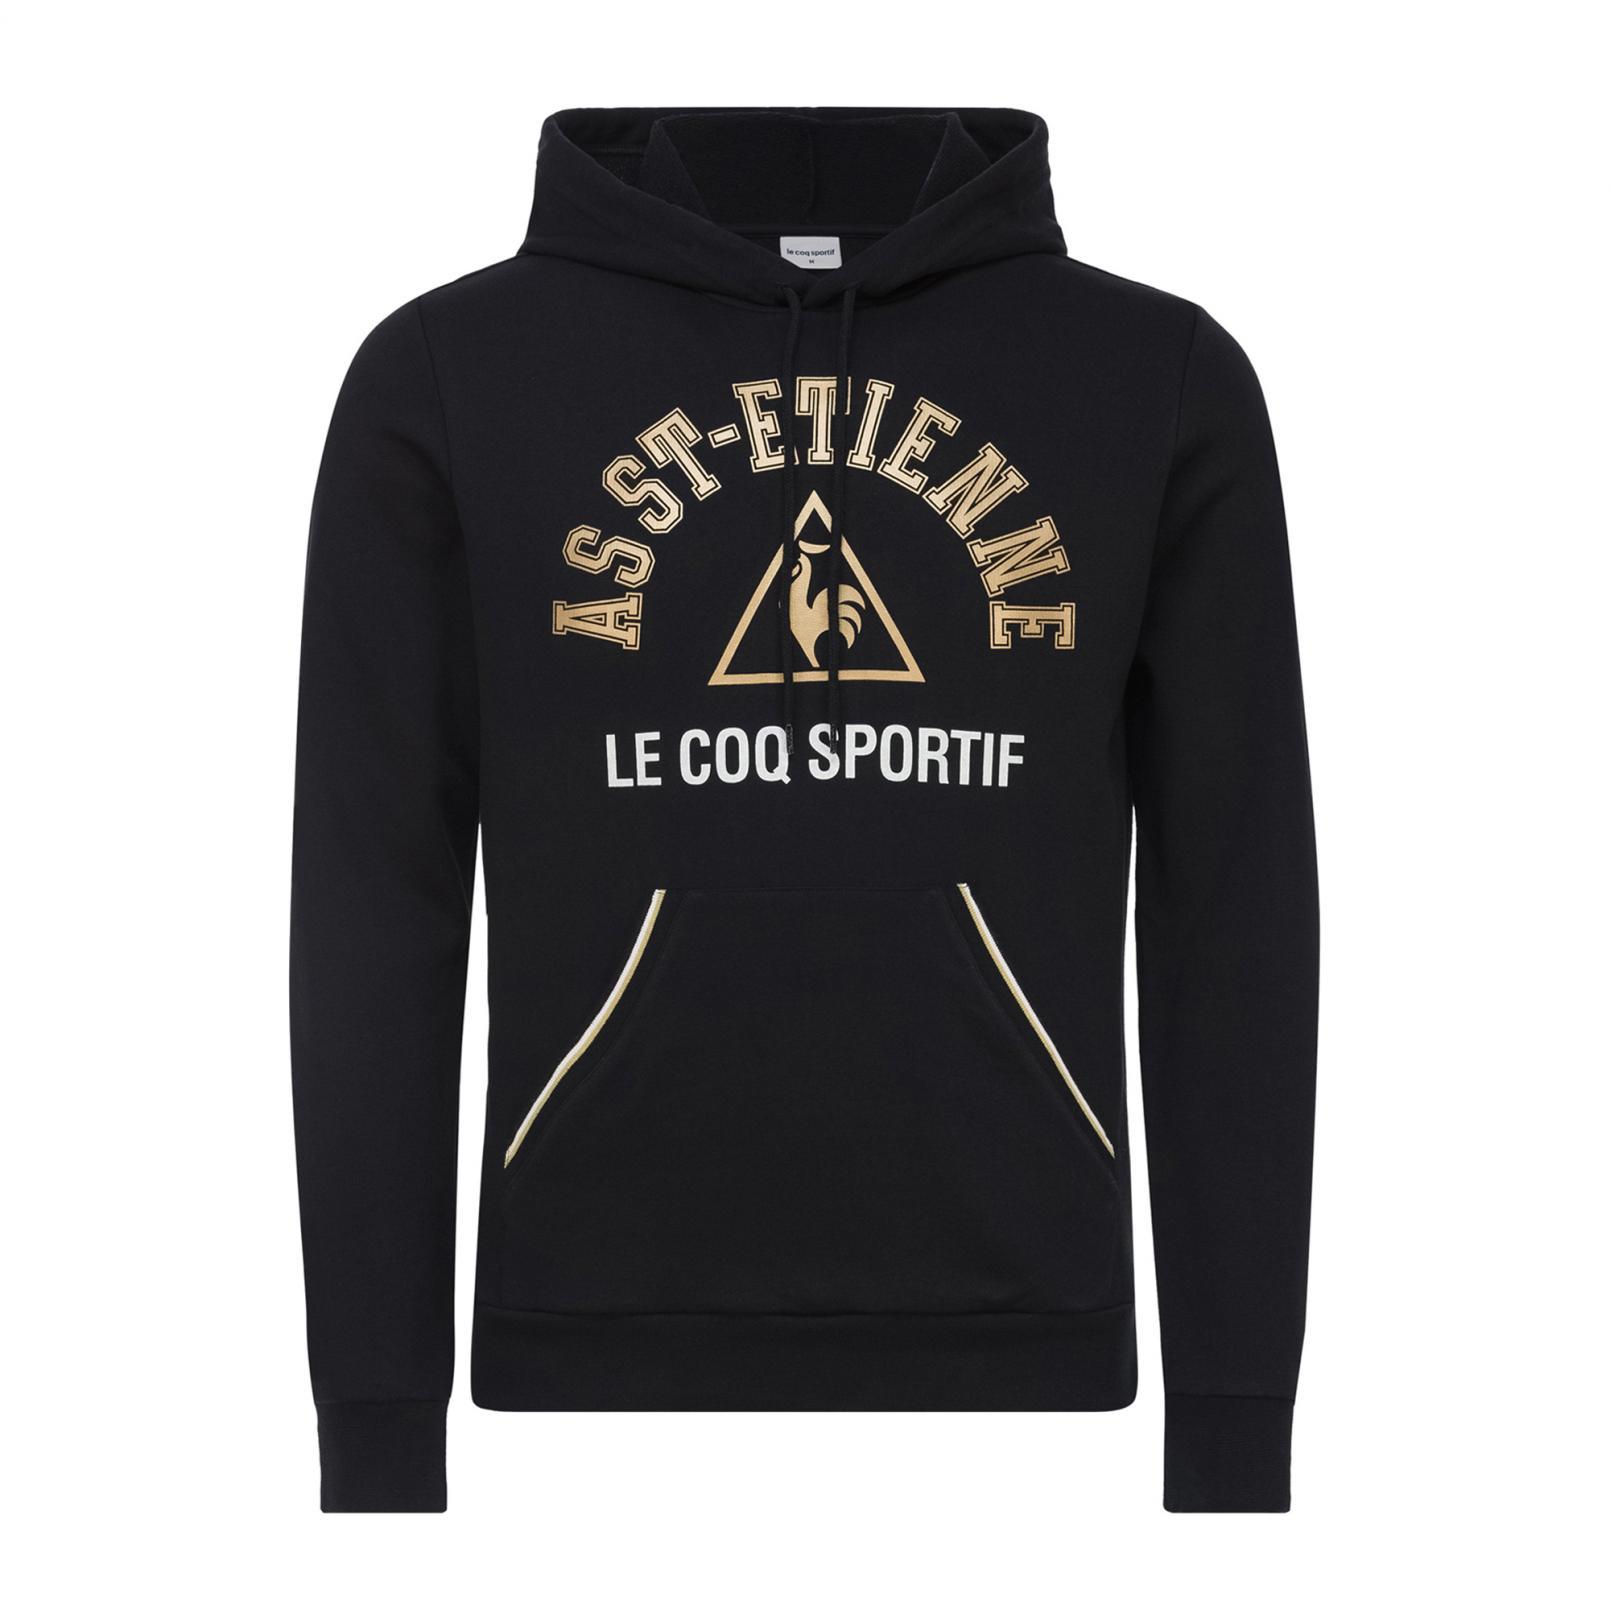 Sweat tops – Le Coq Sportif ASSE Fanwear Pull-over hood Green